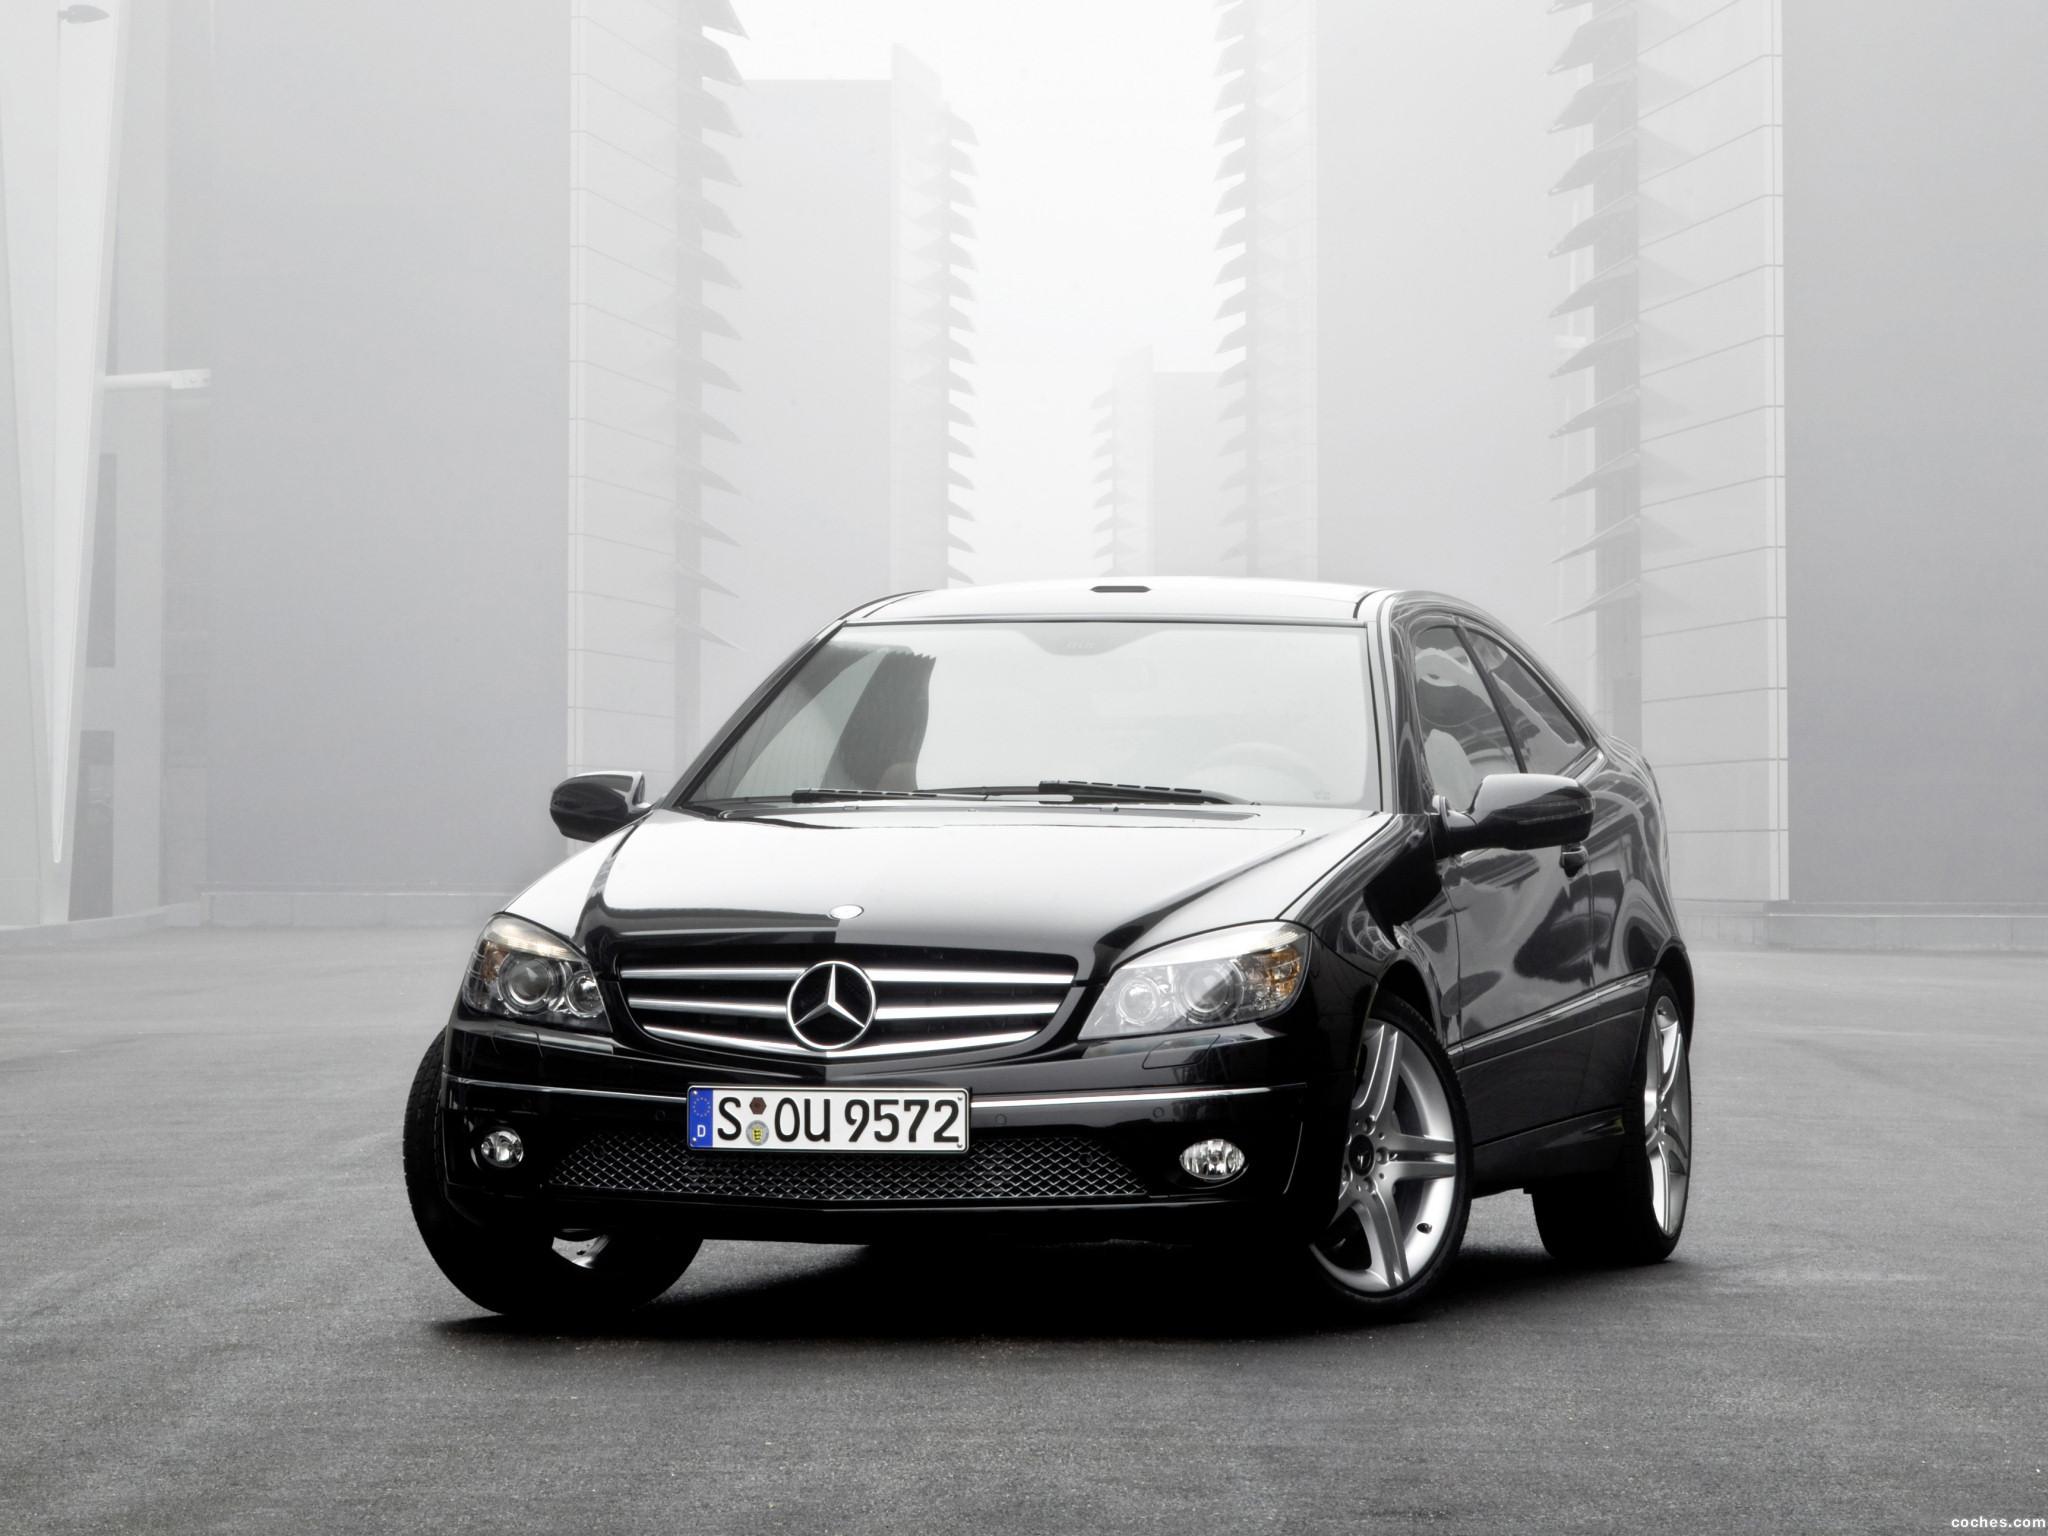 Foto 0 de Mercedes Clase CLC Kompressor 2008